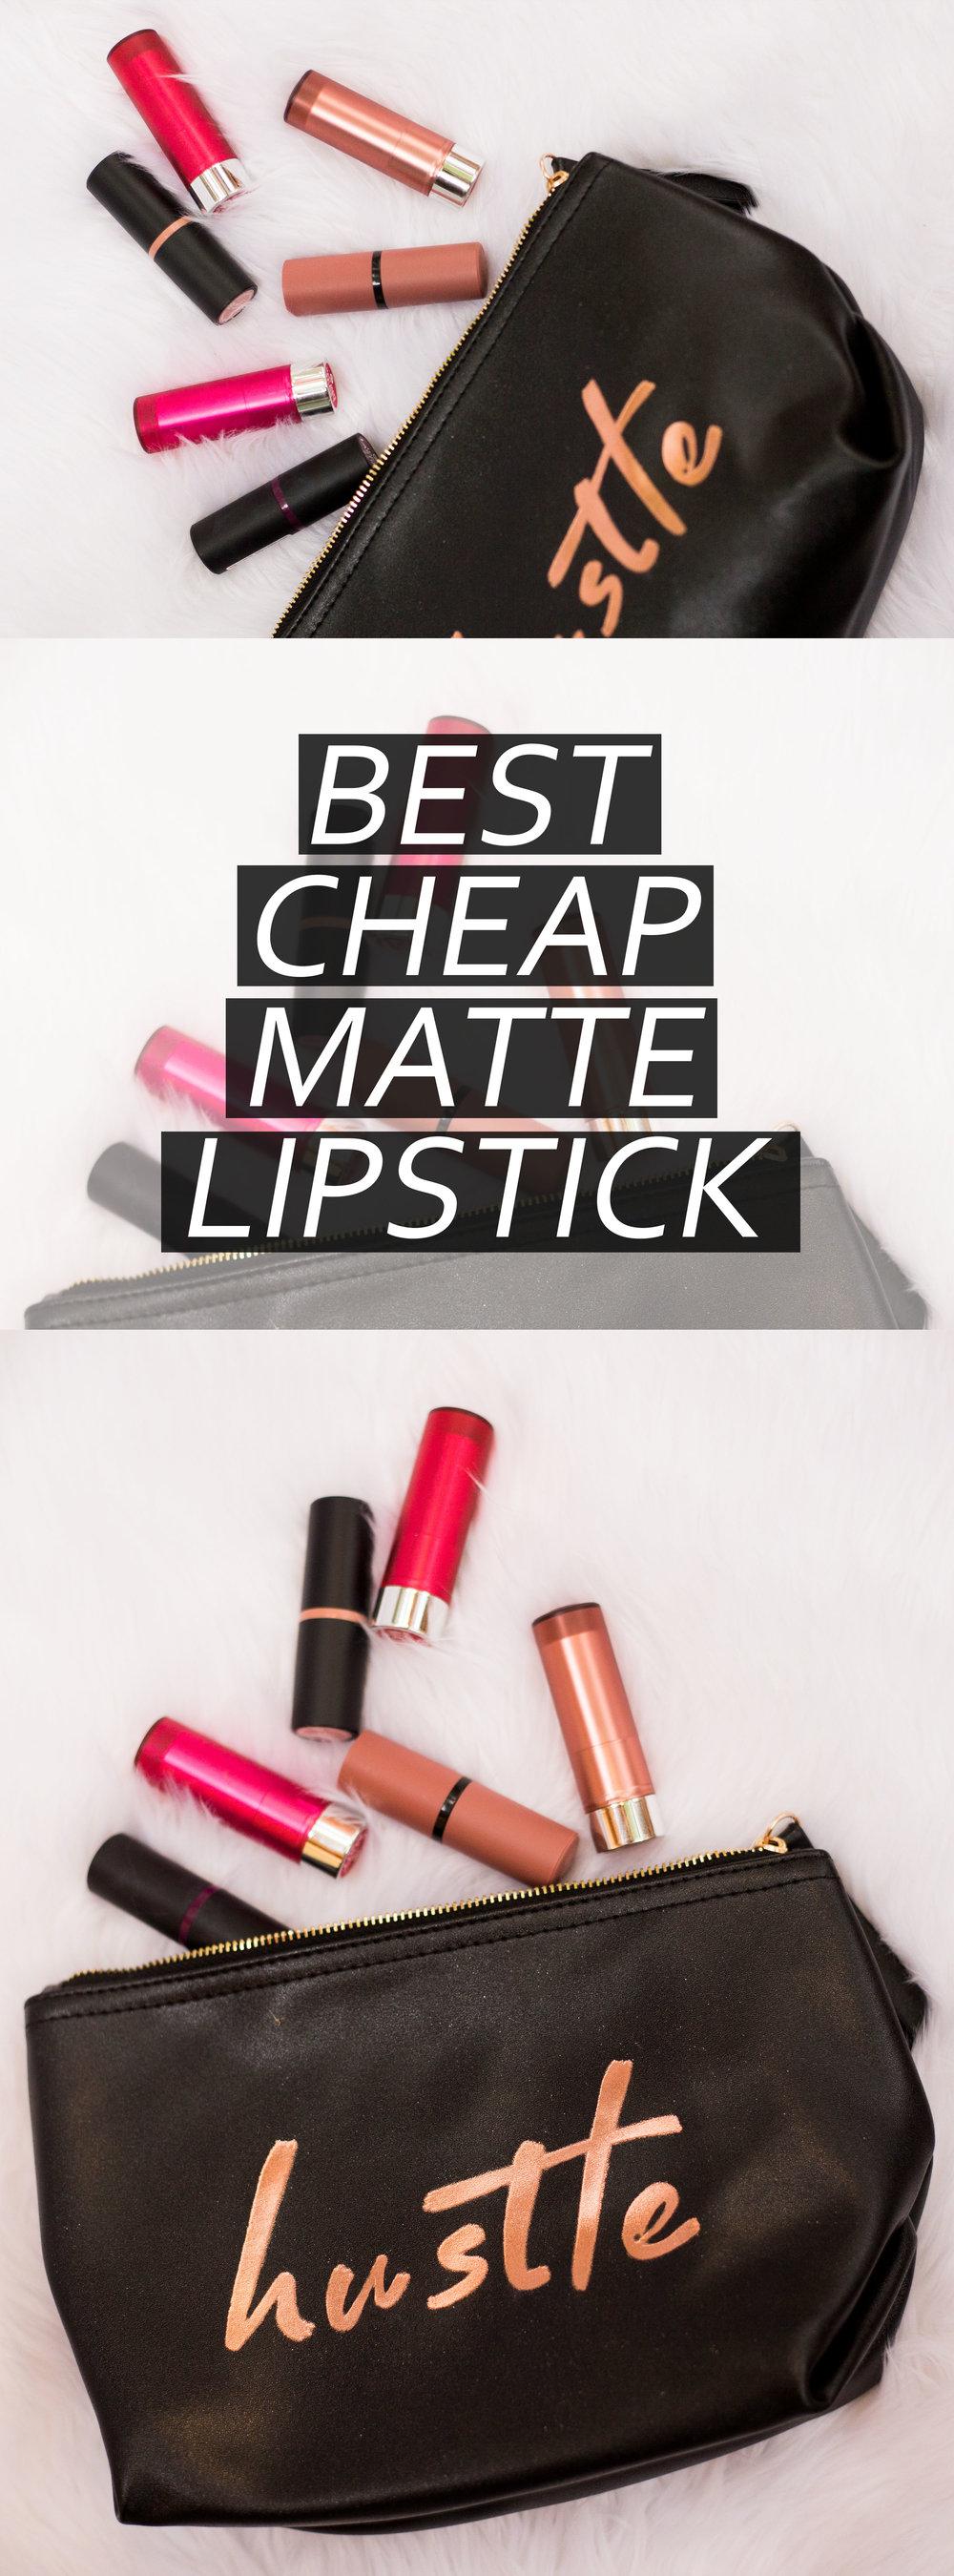 Essence Matte Matte Matte Lipstick Review